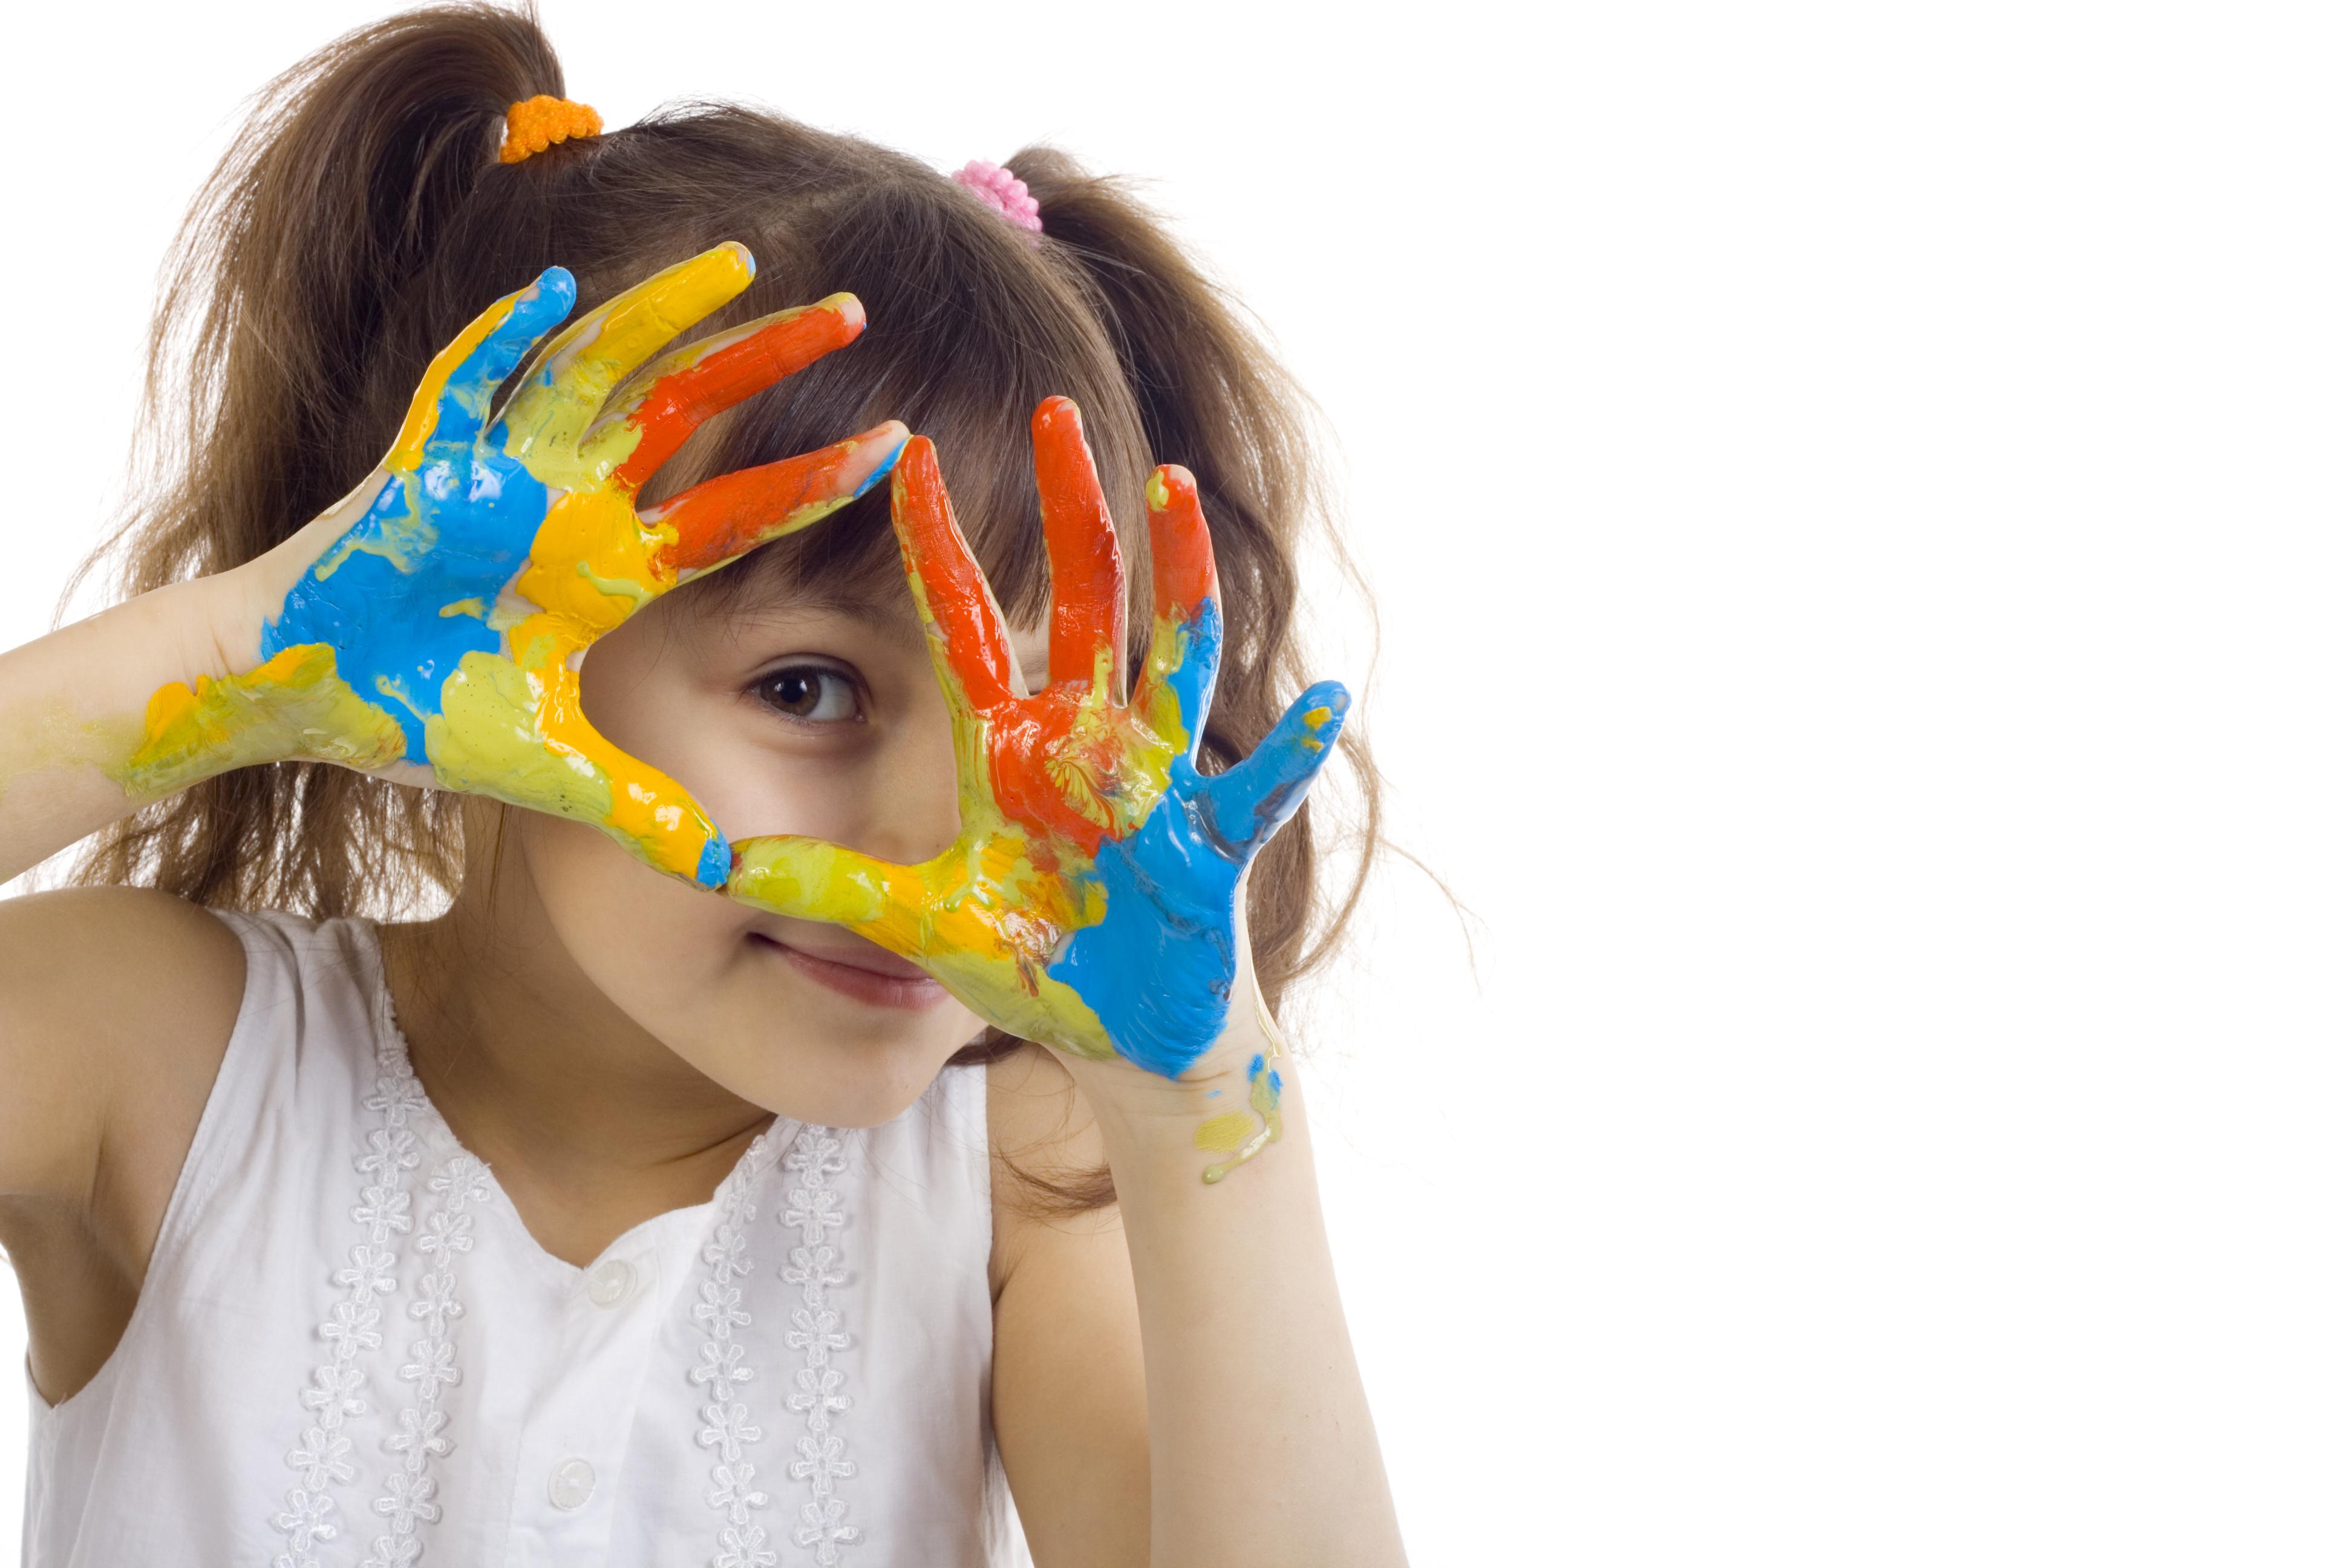 Niña jugando con colores para ilustrar las actividades plásticas